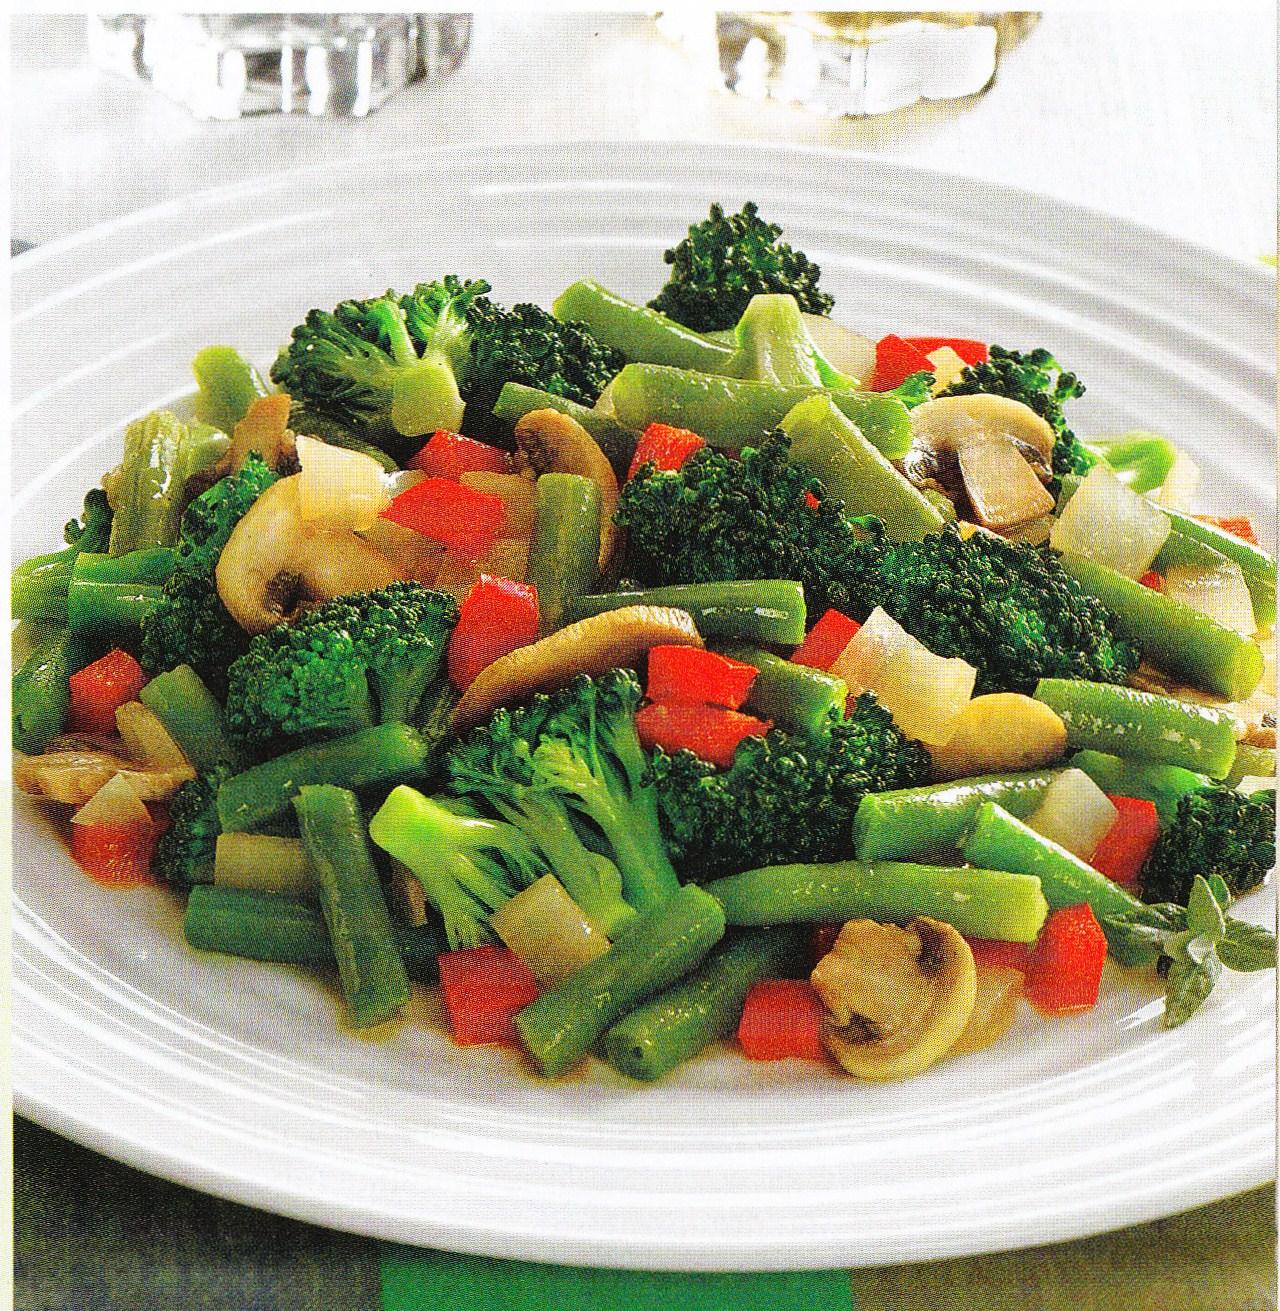 Rollitos de col rellenos de arroz y verduras